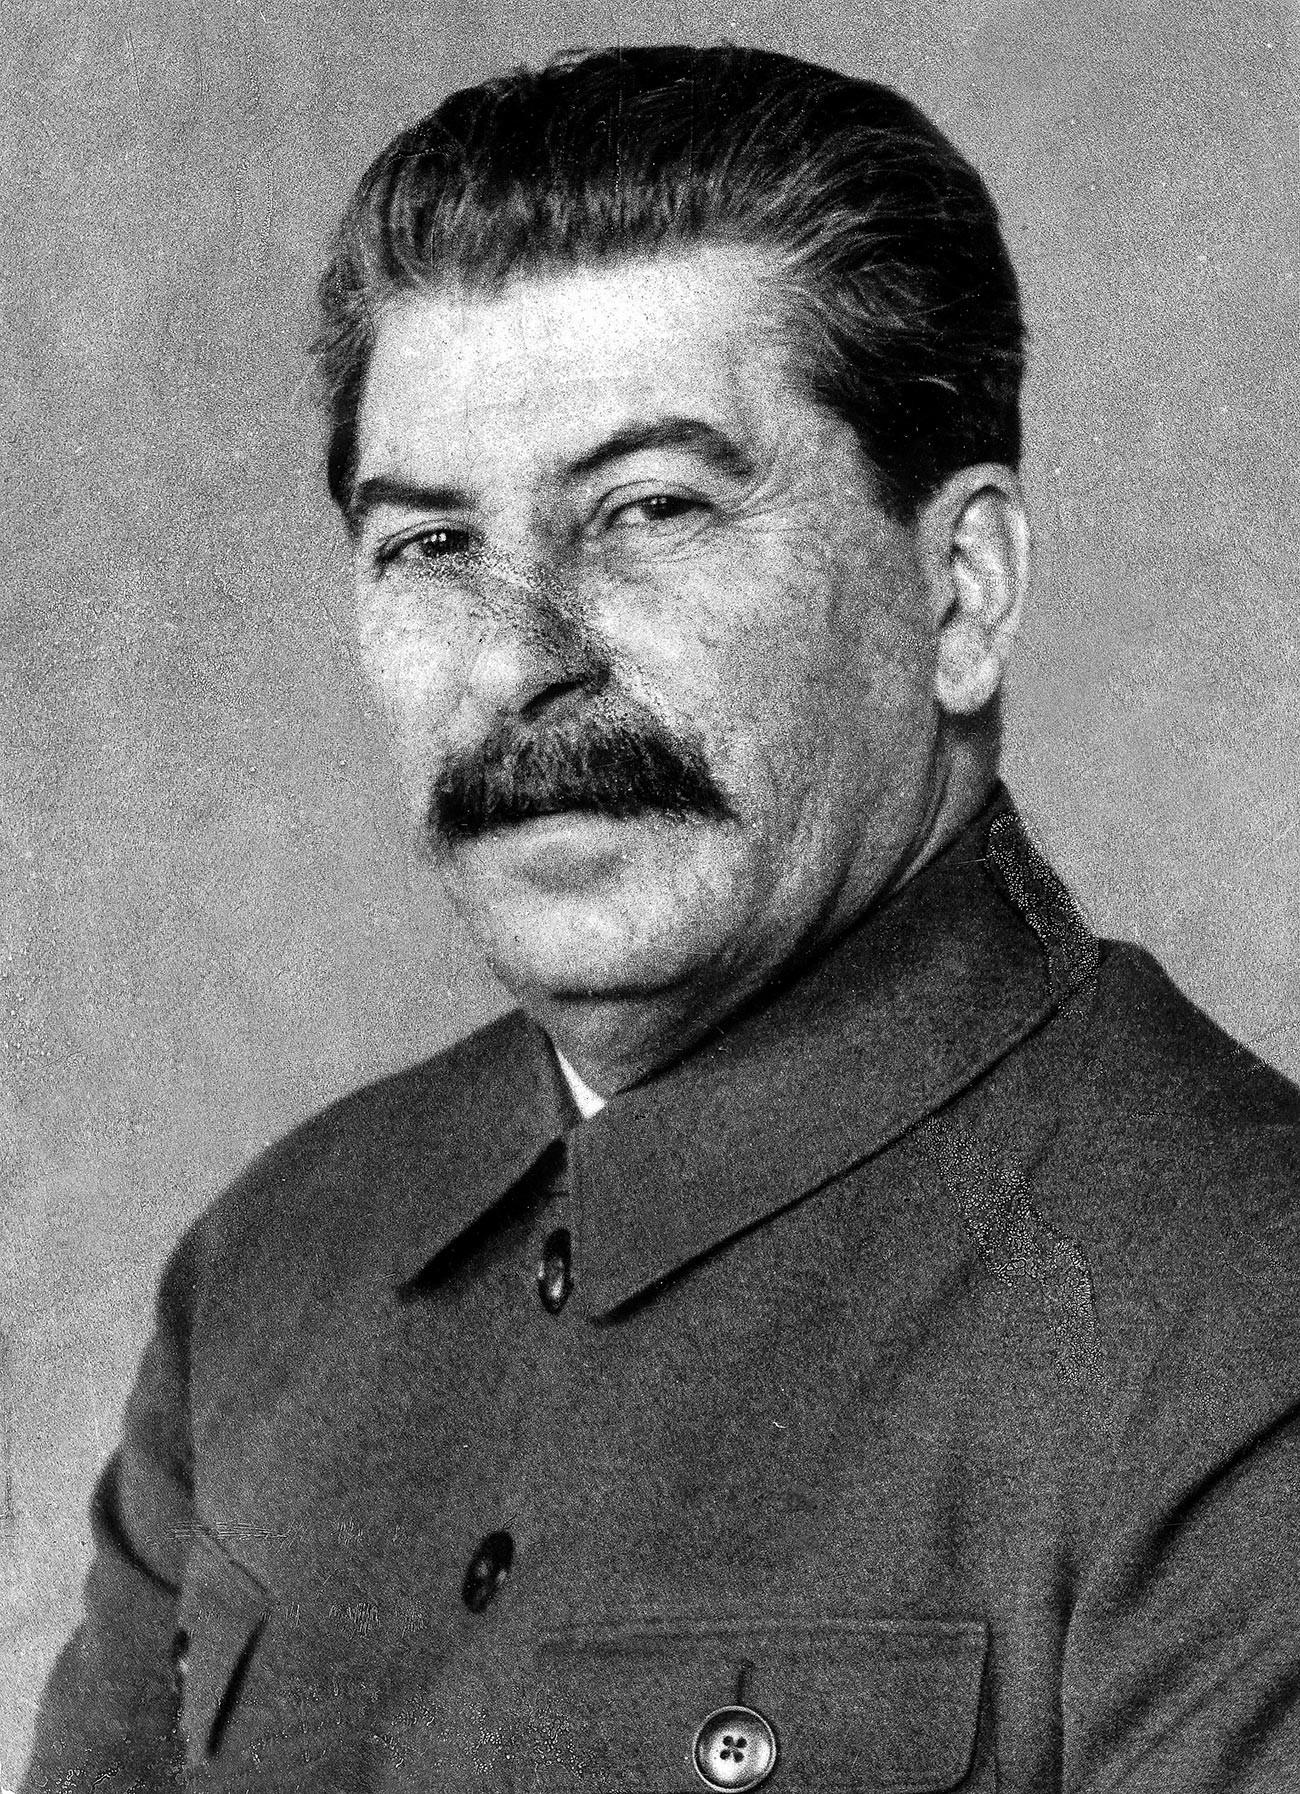 Dies ist eines der seltenen Fotos von Stalin, auf denen Pockennarben auf seinem Gesicht zu sehen sind.